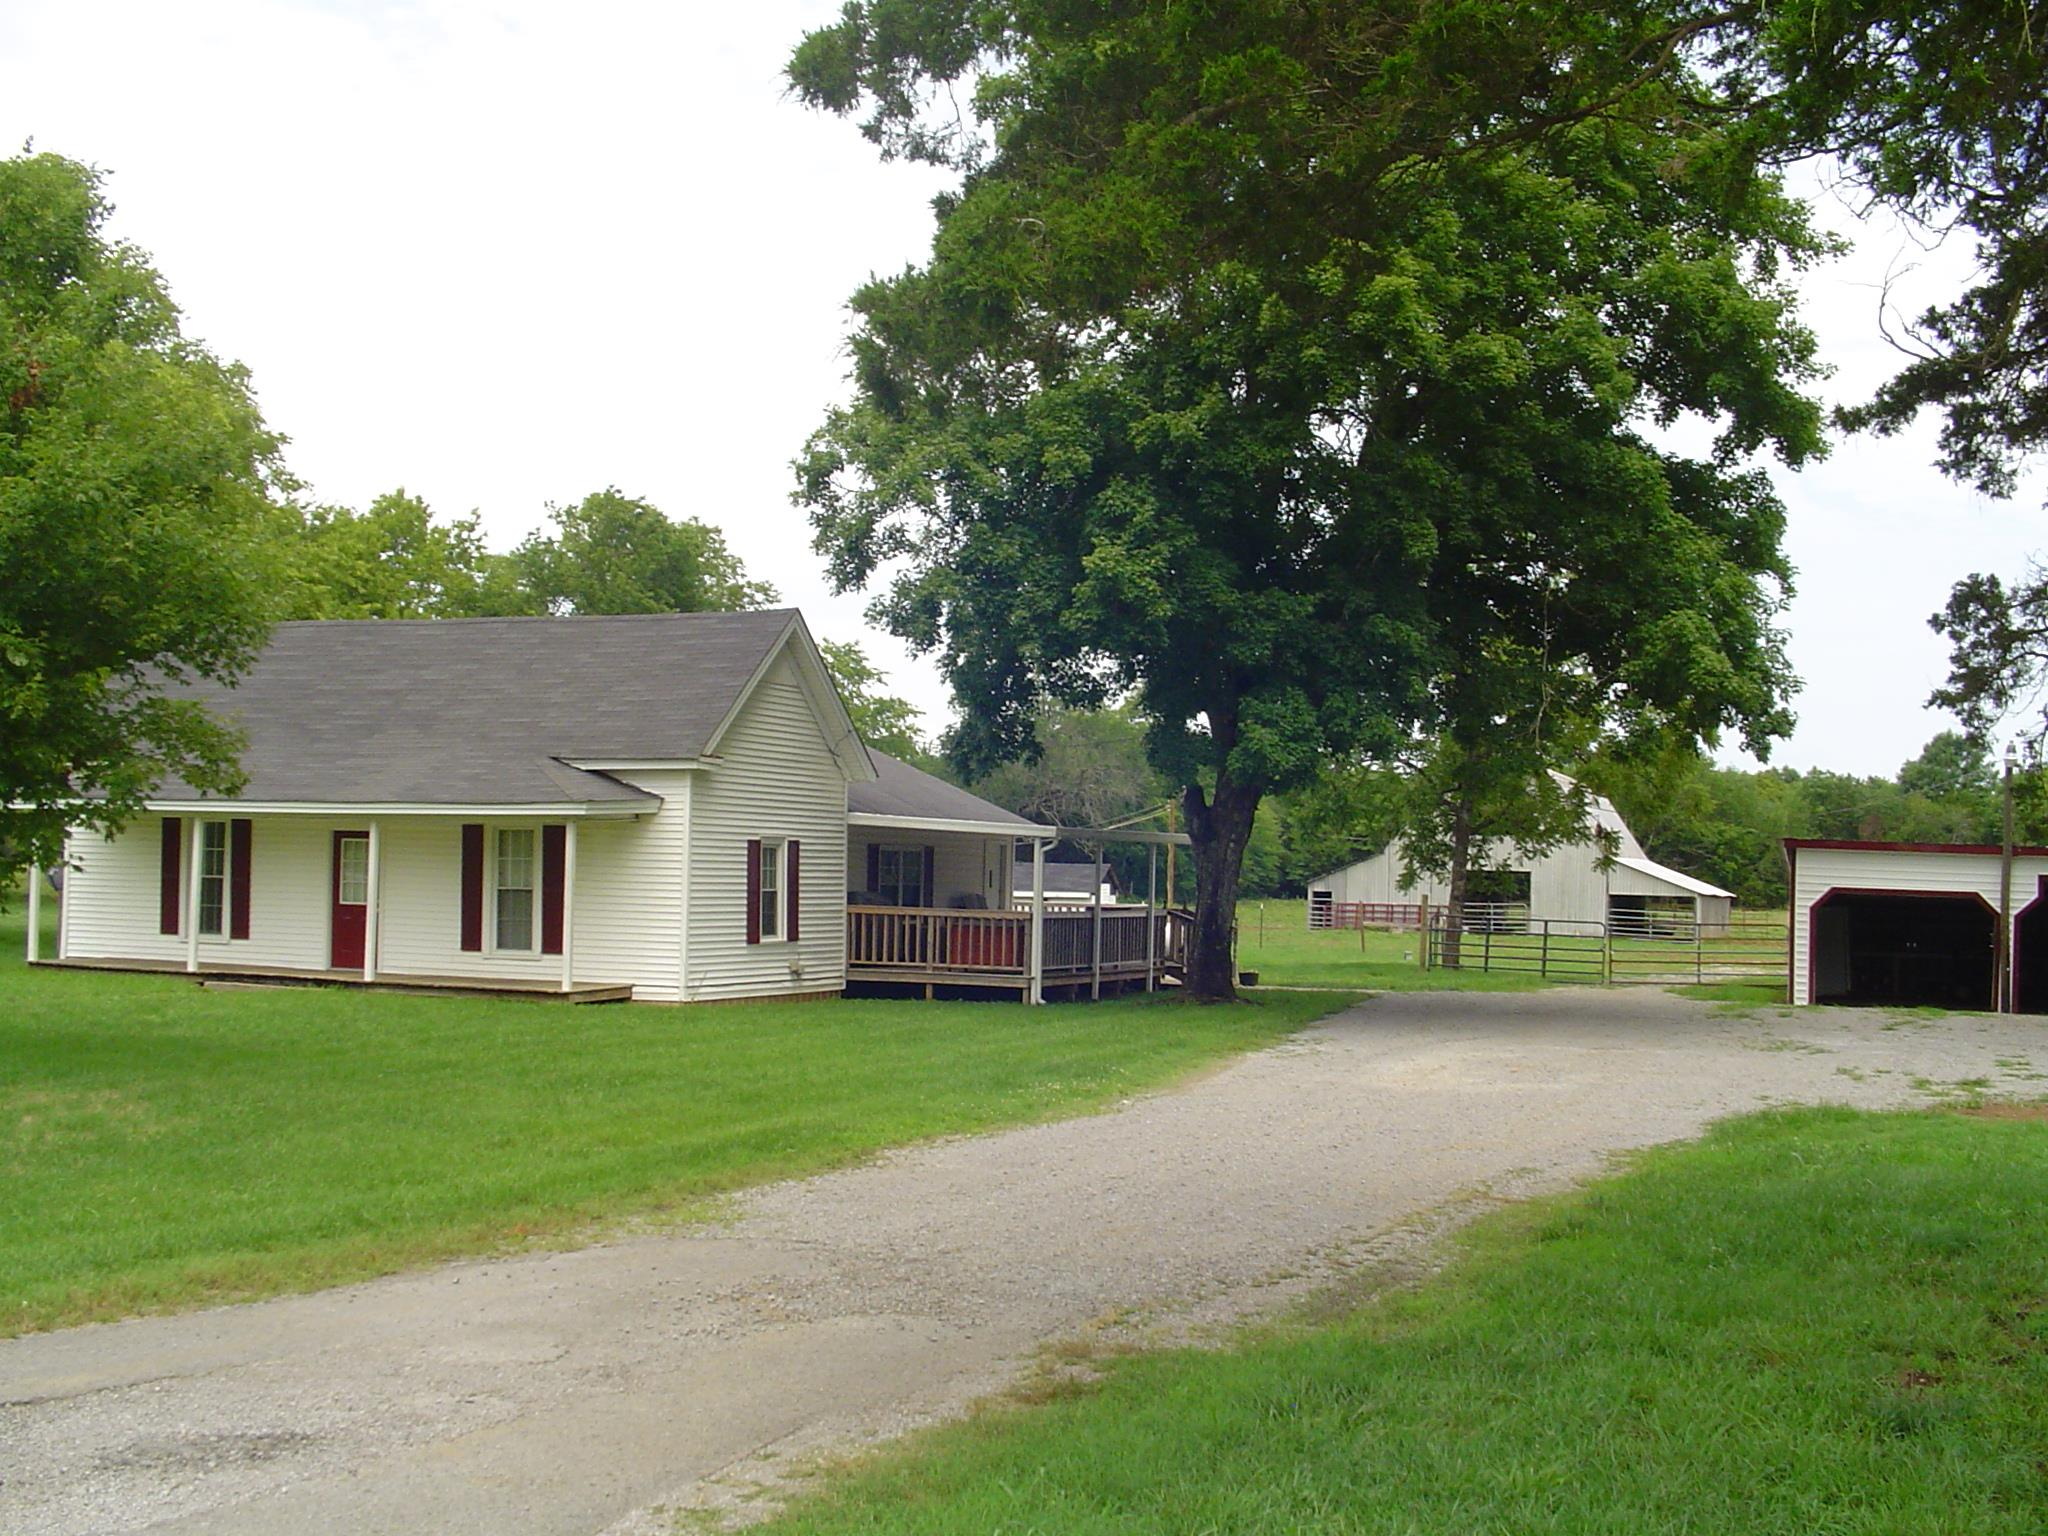 1858 Finley Beech Rd, Lewisburg, TN 37091